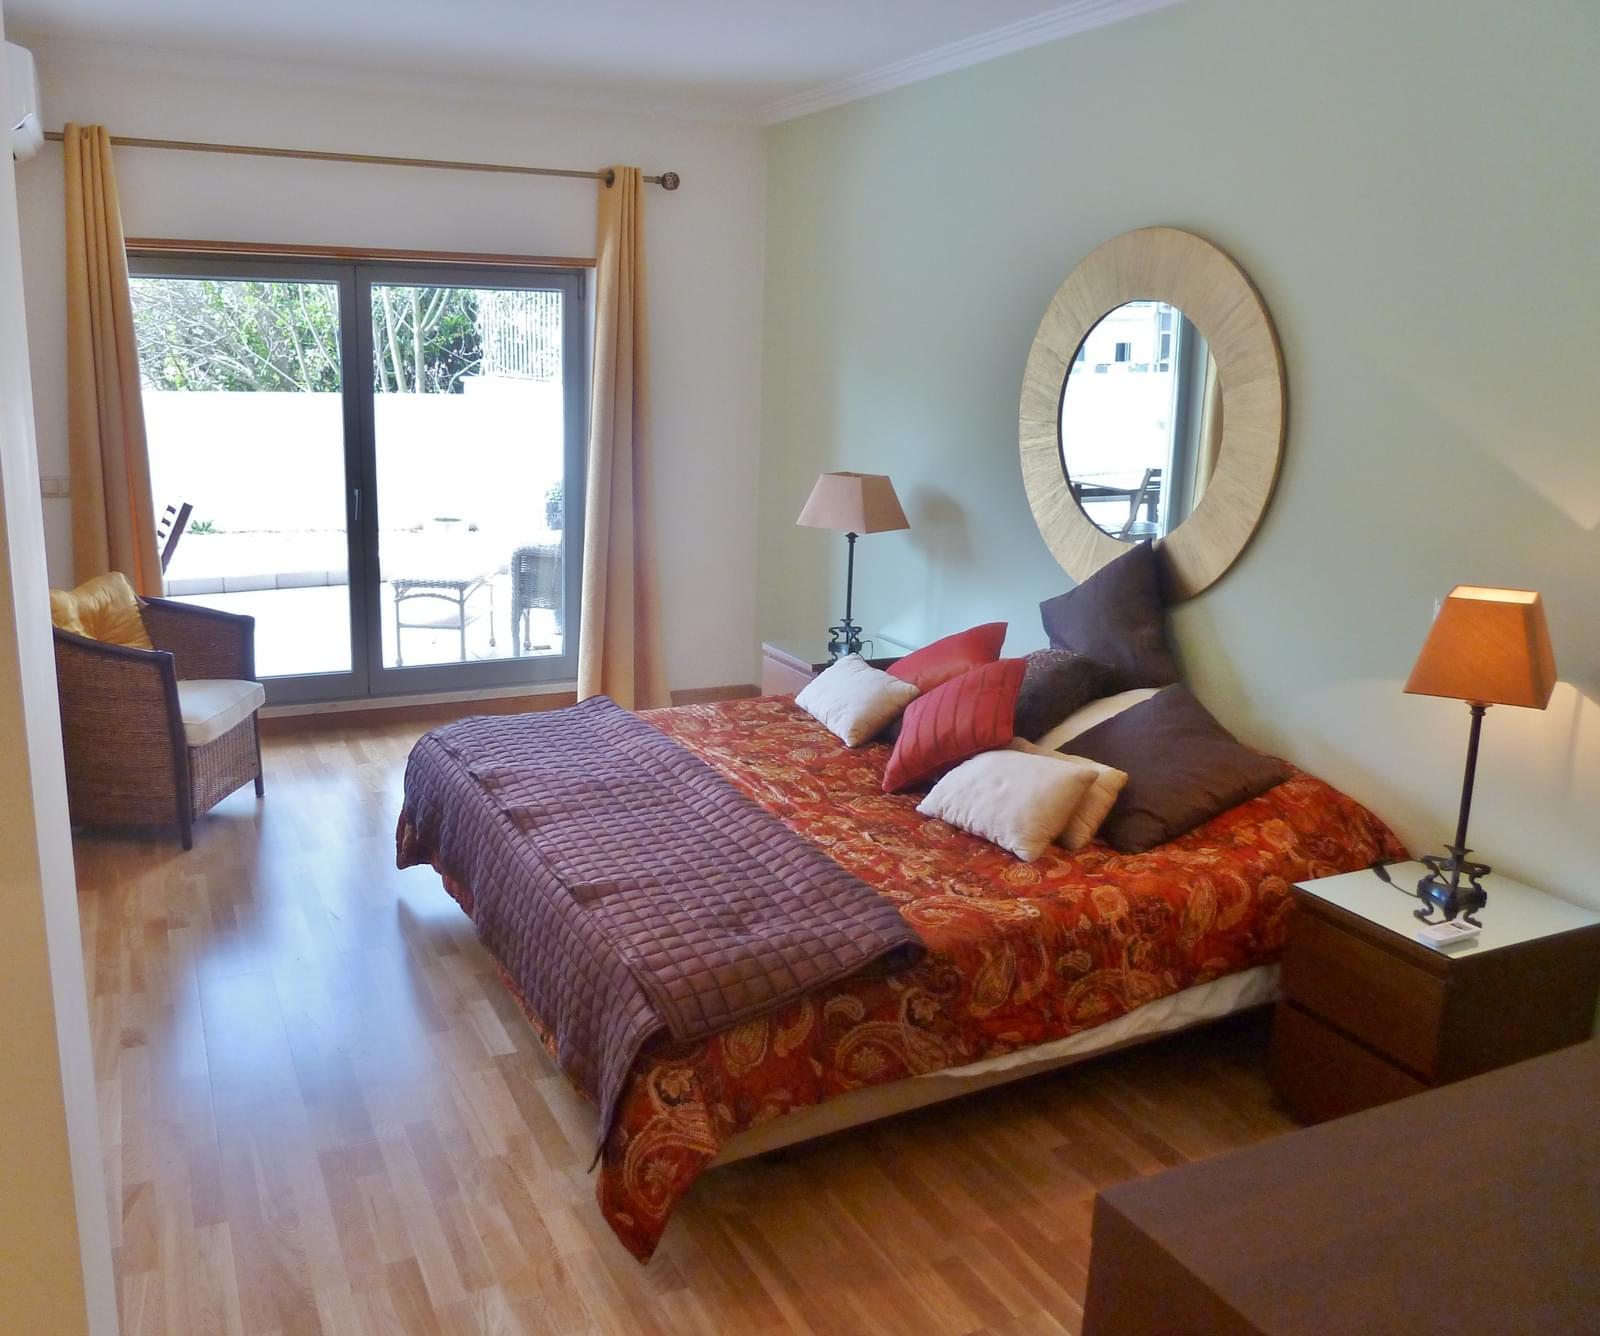 pf16882-apartamento-t2-lisboa-c6f05191-dd73-4119-9d78-a3388234c89d